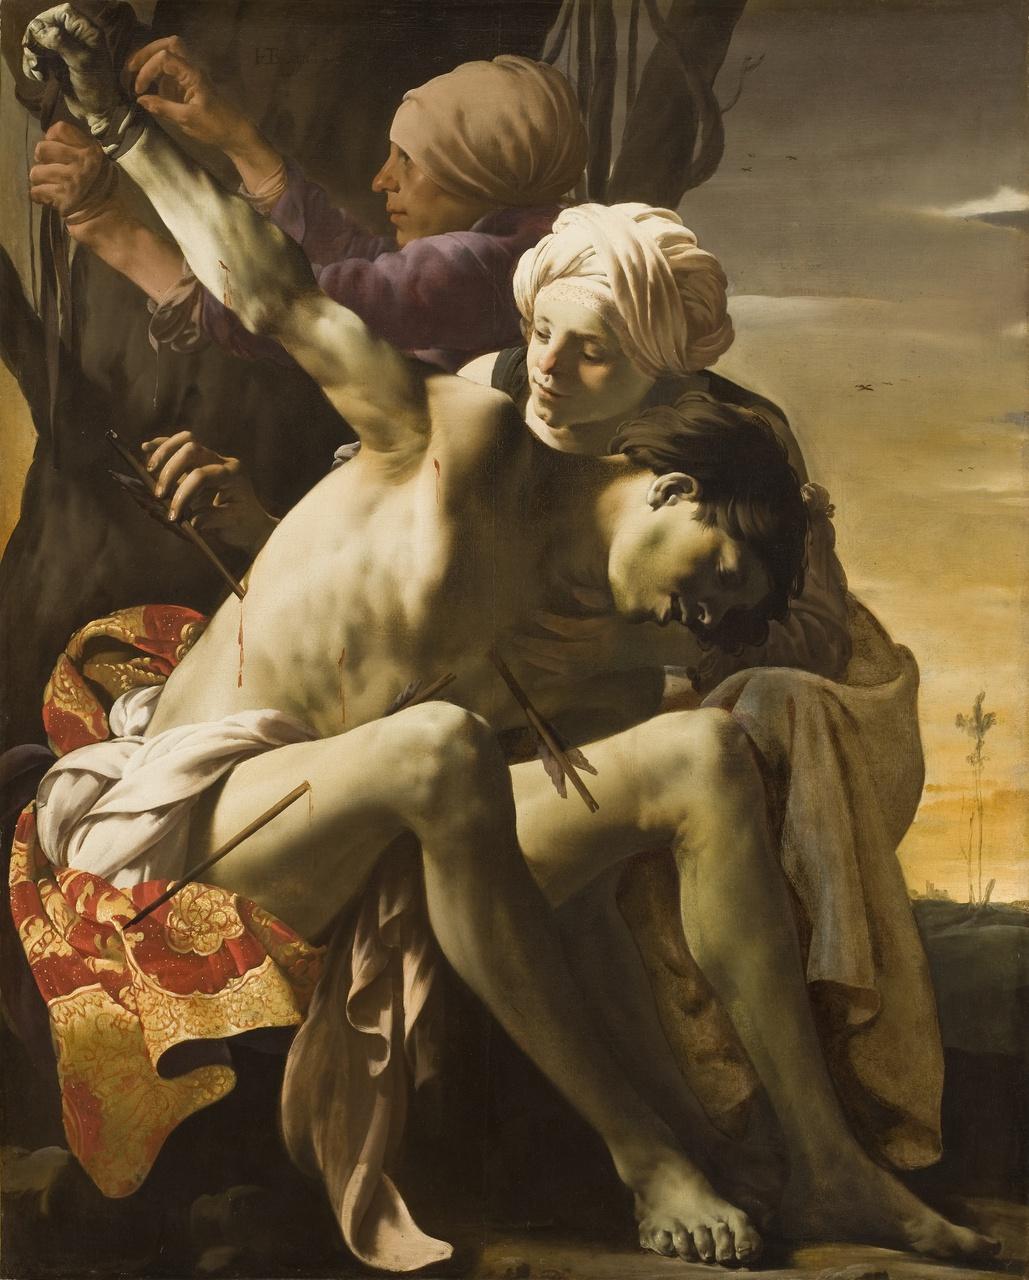 1/1 - Hendrick ter Brugghen, De heilige Sebastiaan door Irene verzorgd, 1625. Allen Memorial Art Museum, Oberlin College, Oberlin Ohio